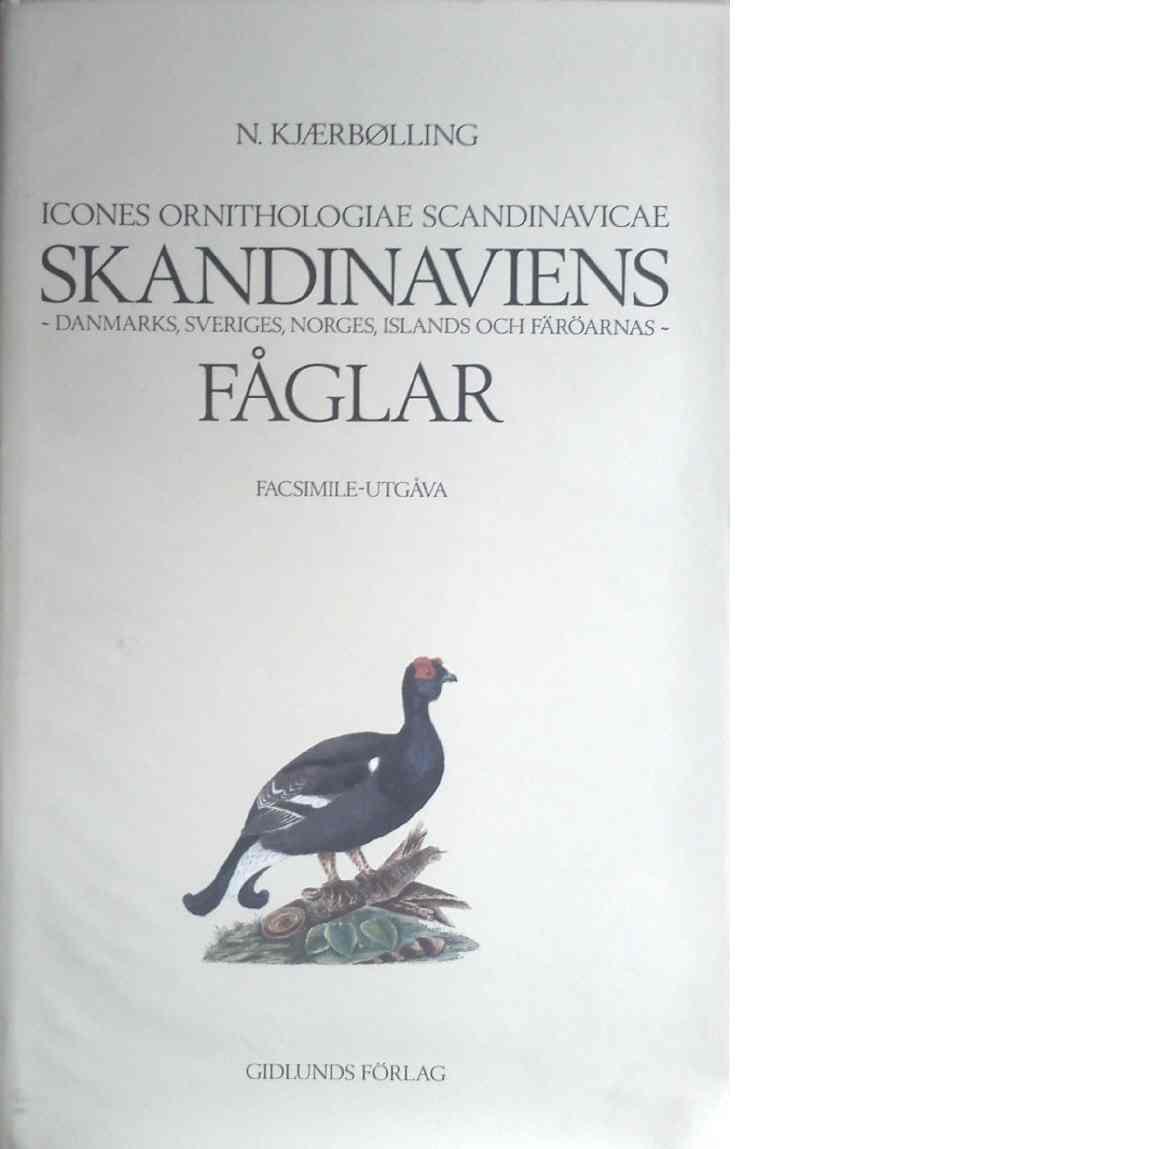 Skandinaviens Danmarks, Sveriges, Norges, Islands och Färöarnas fåglar : Icones ornithologiae Scandinavicae - Kjærbølling, Niels